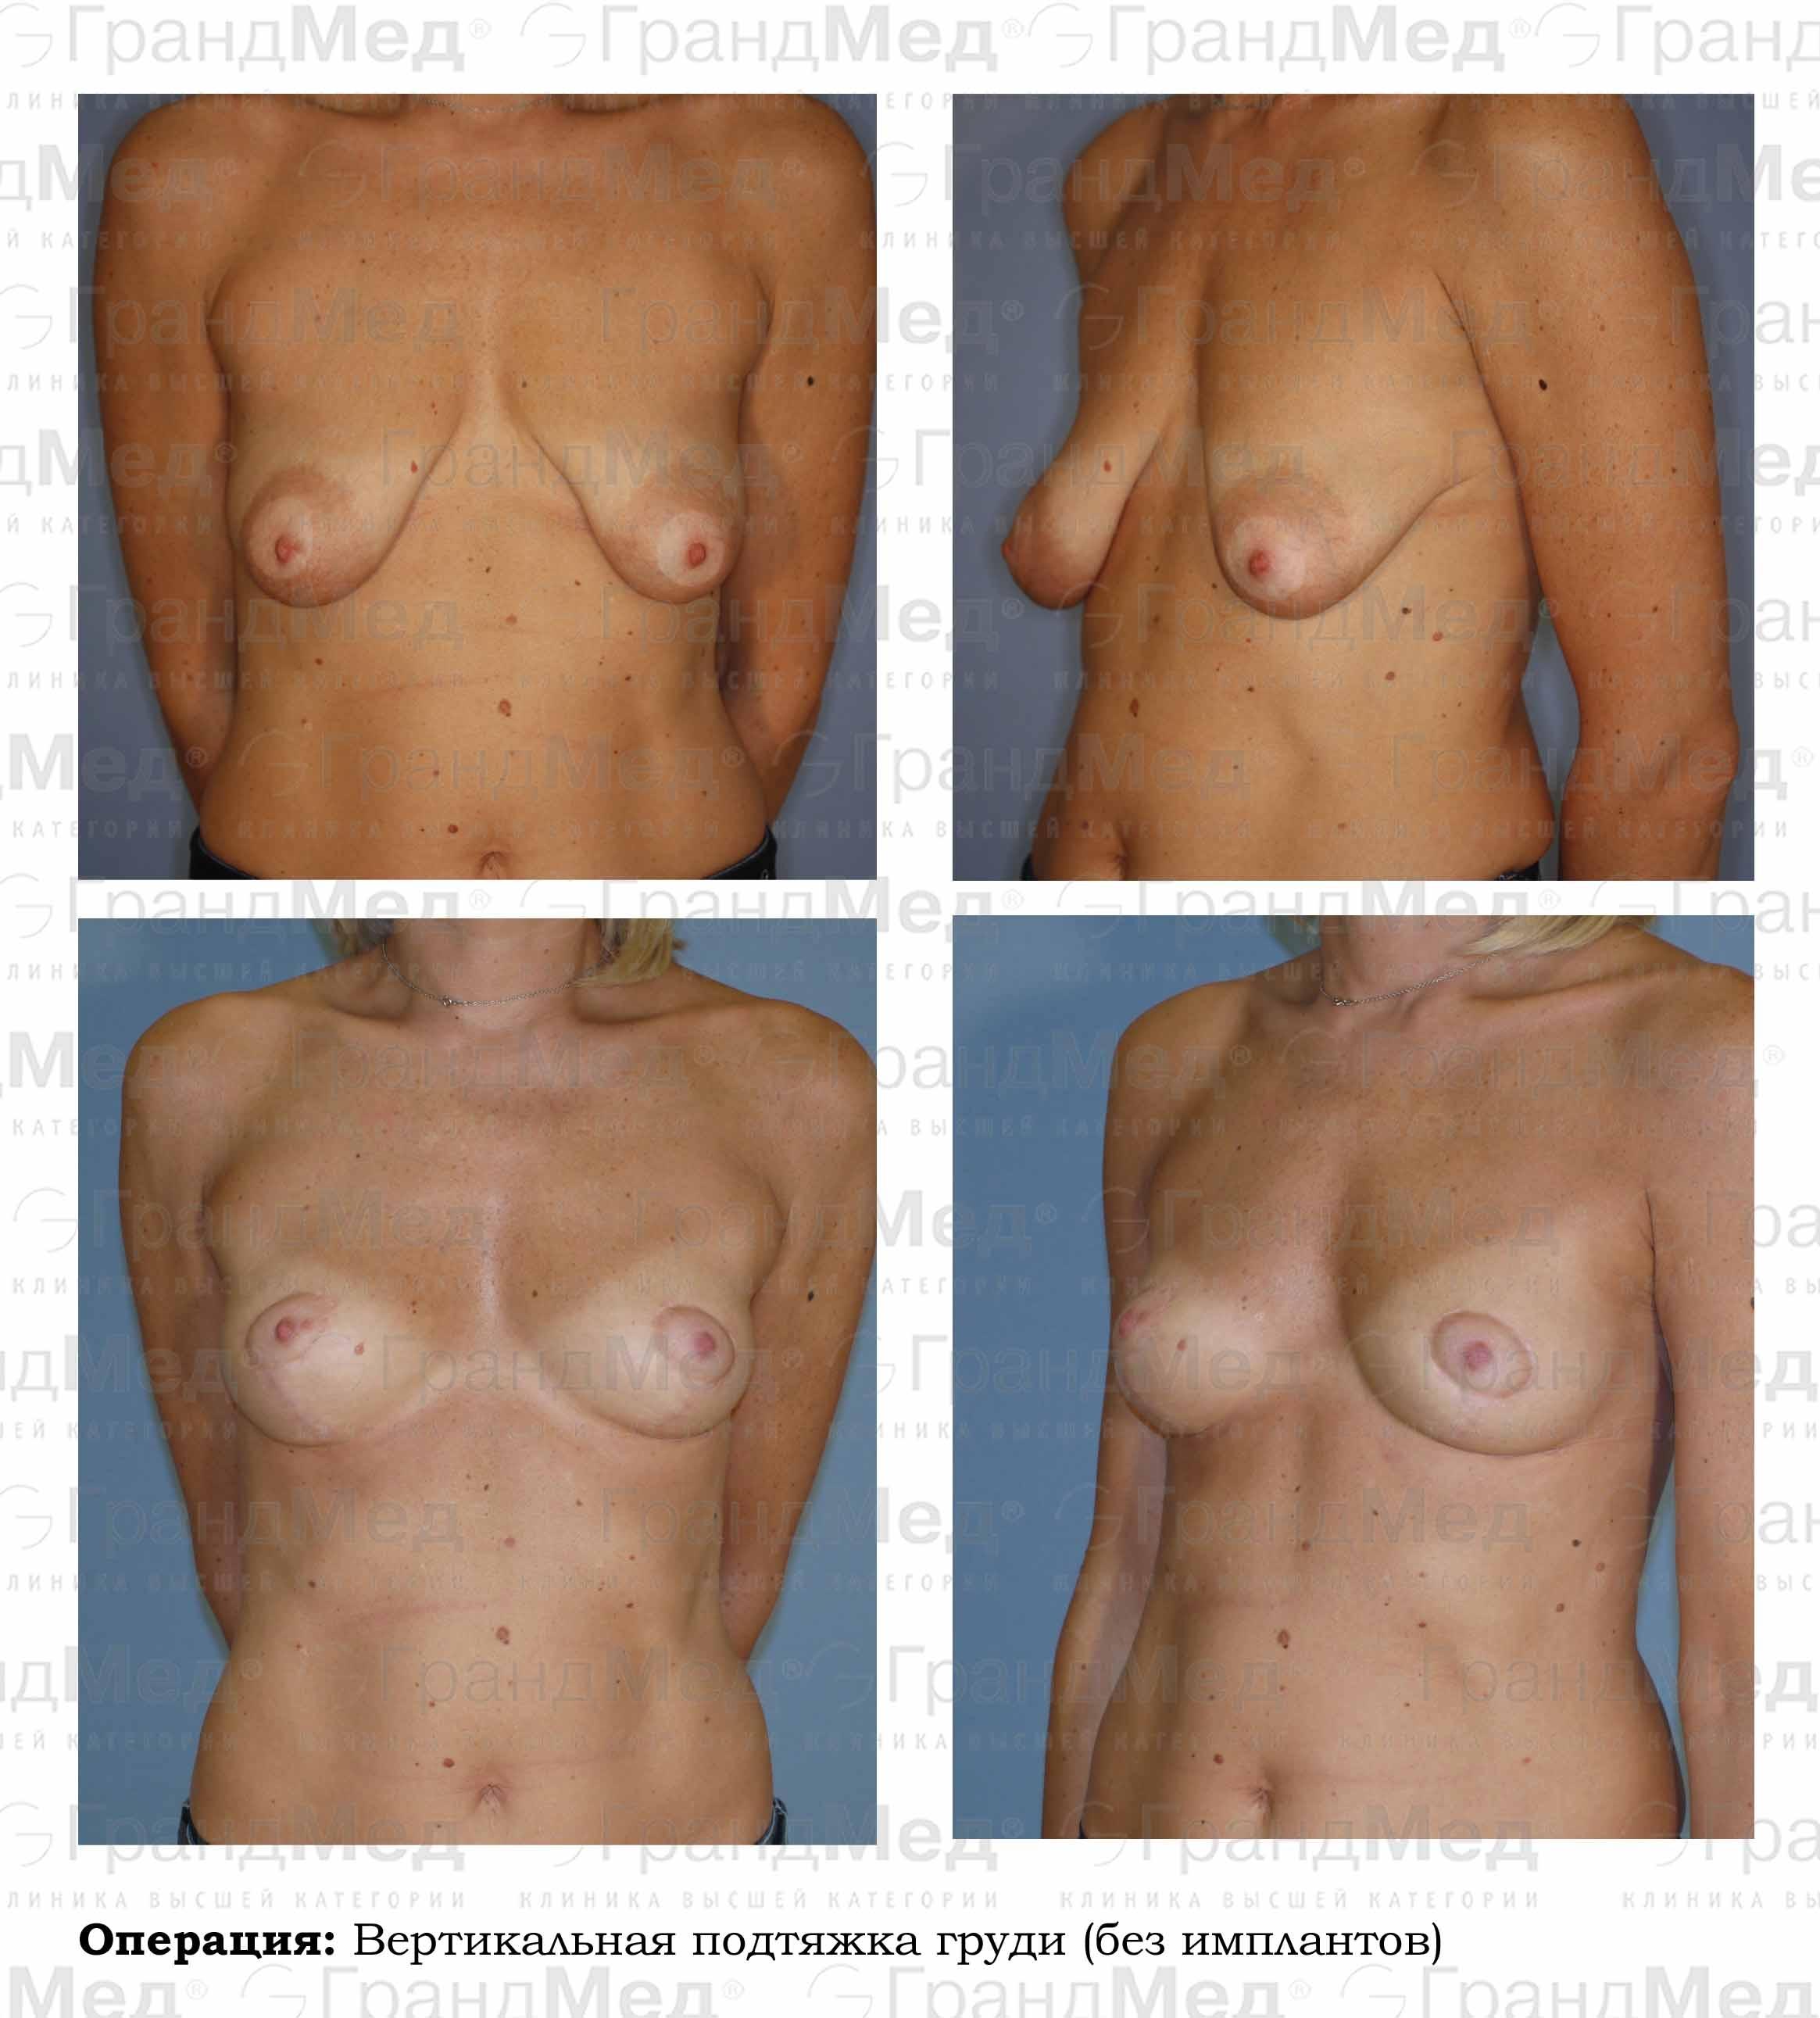 Вакуумный массаже для увеличения груди